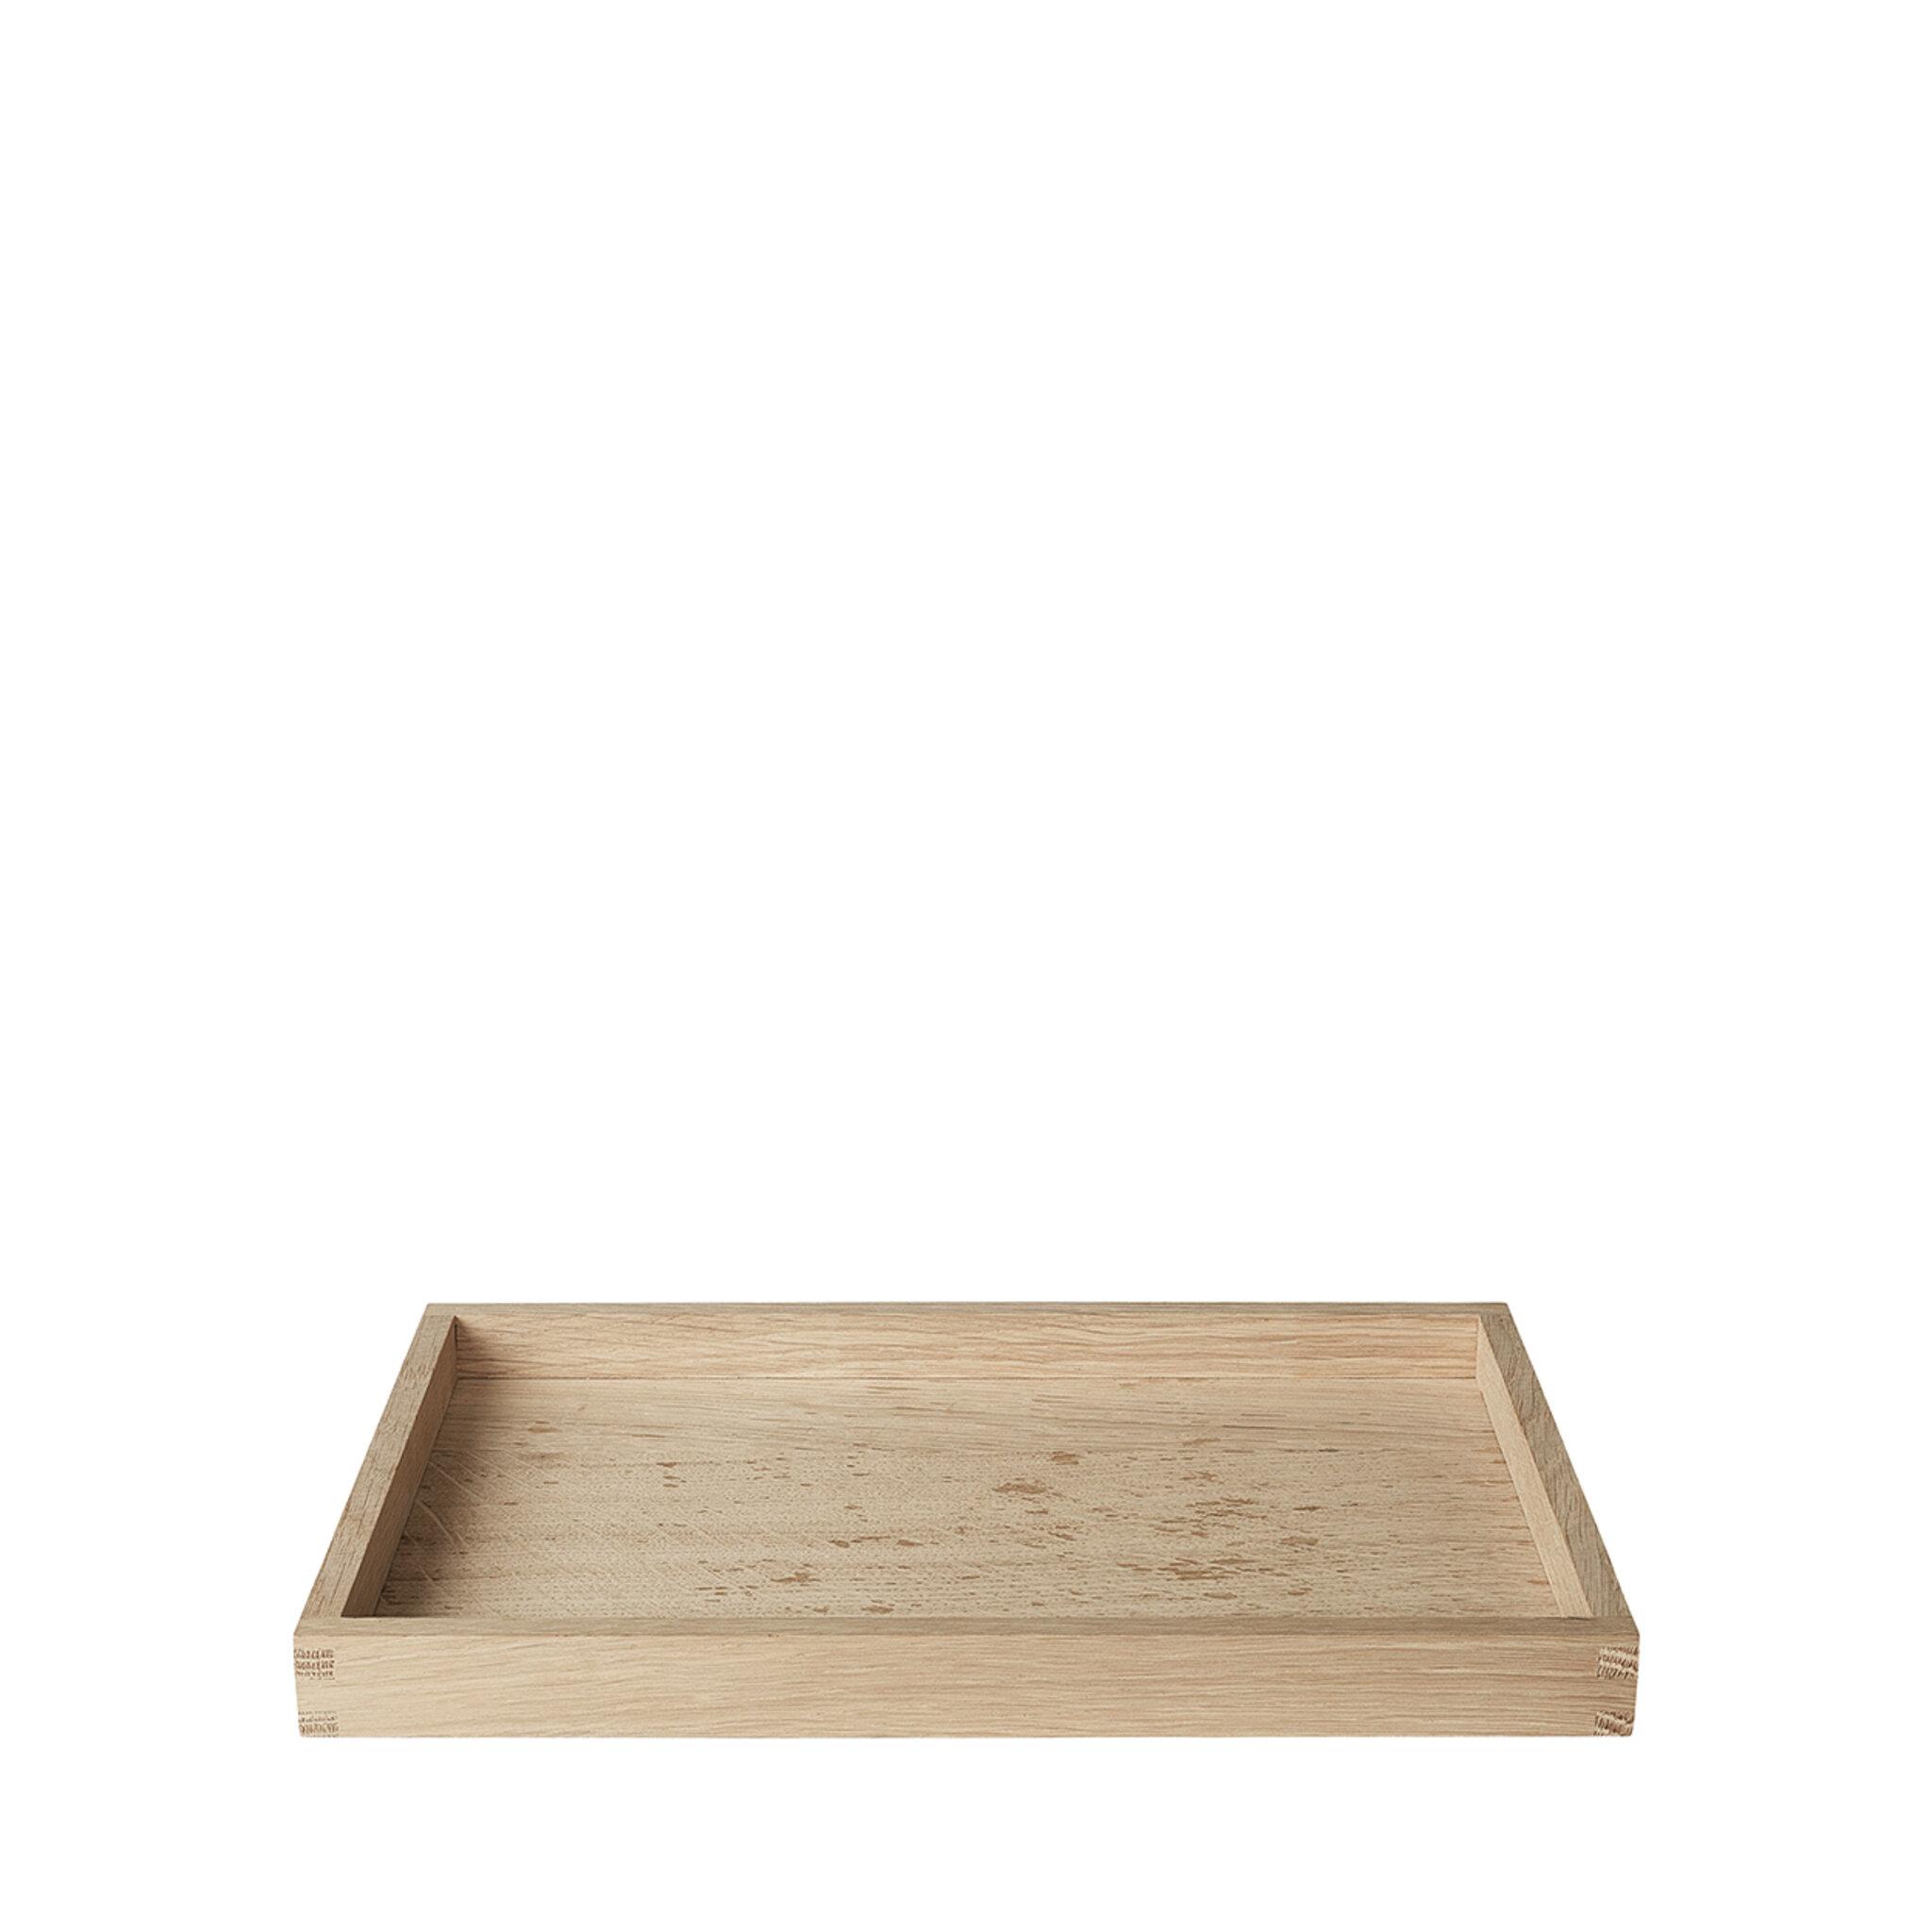 BORDA, Bricka 20x30 cm